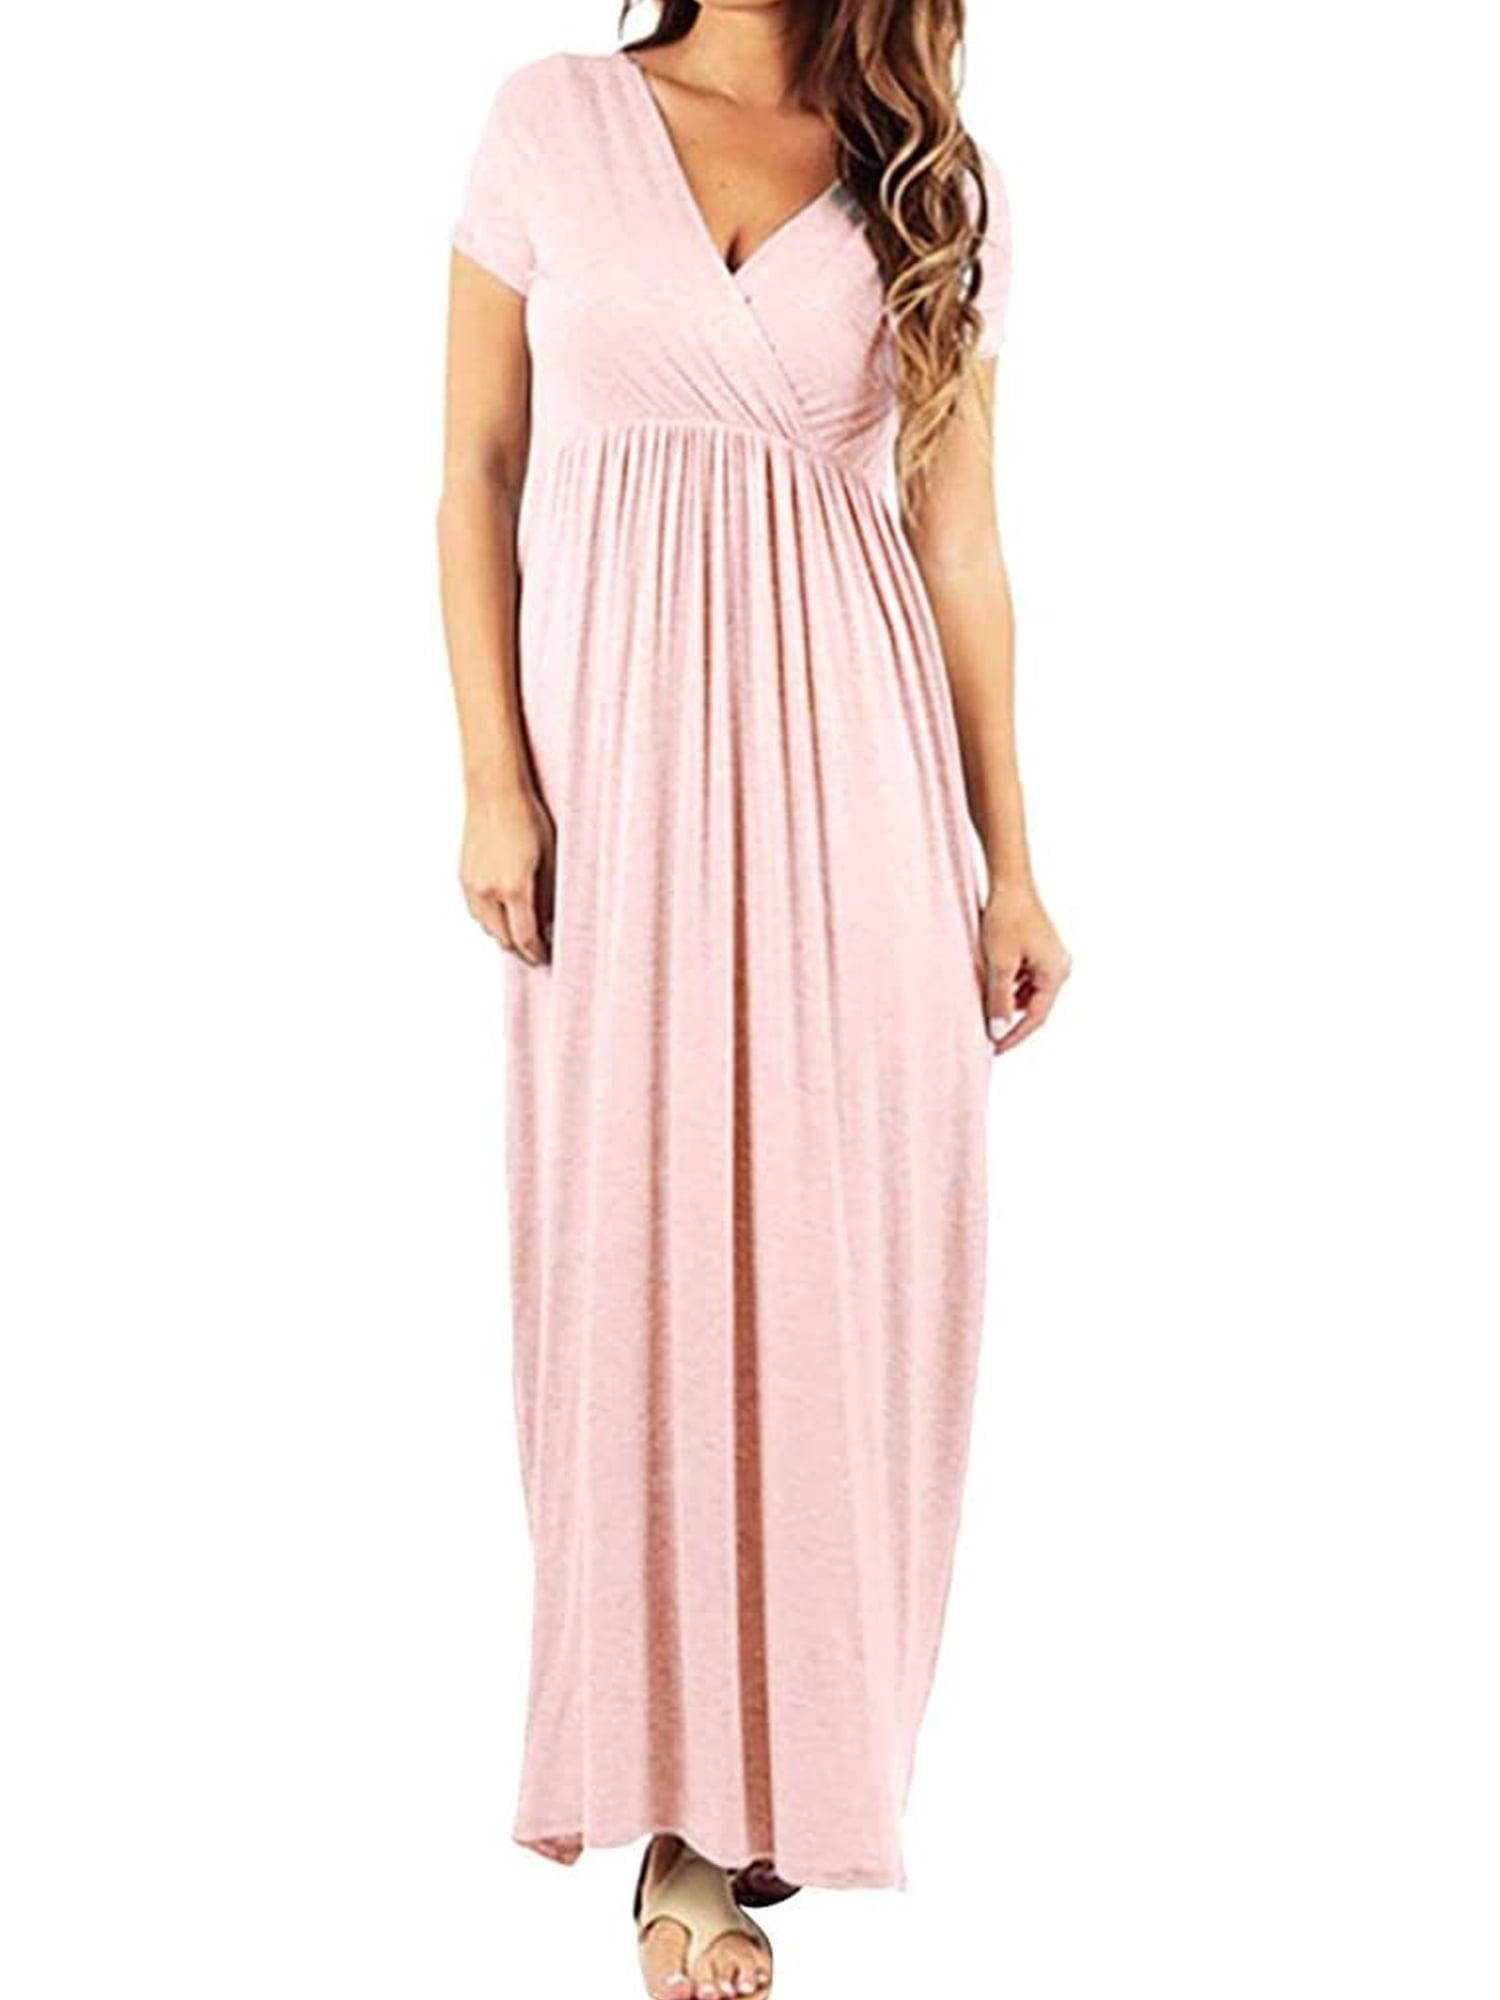 Mersariphy Mersariphy Women Solid Color V Neck Short Sleeve Maxi Dress For Pregnant Walmart Com Walmart Com